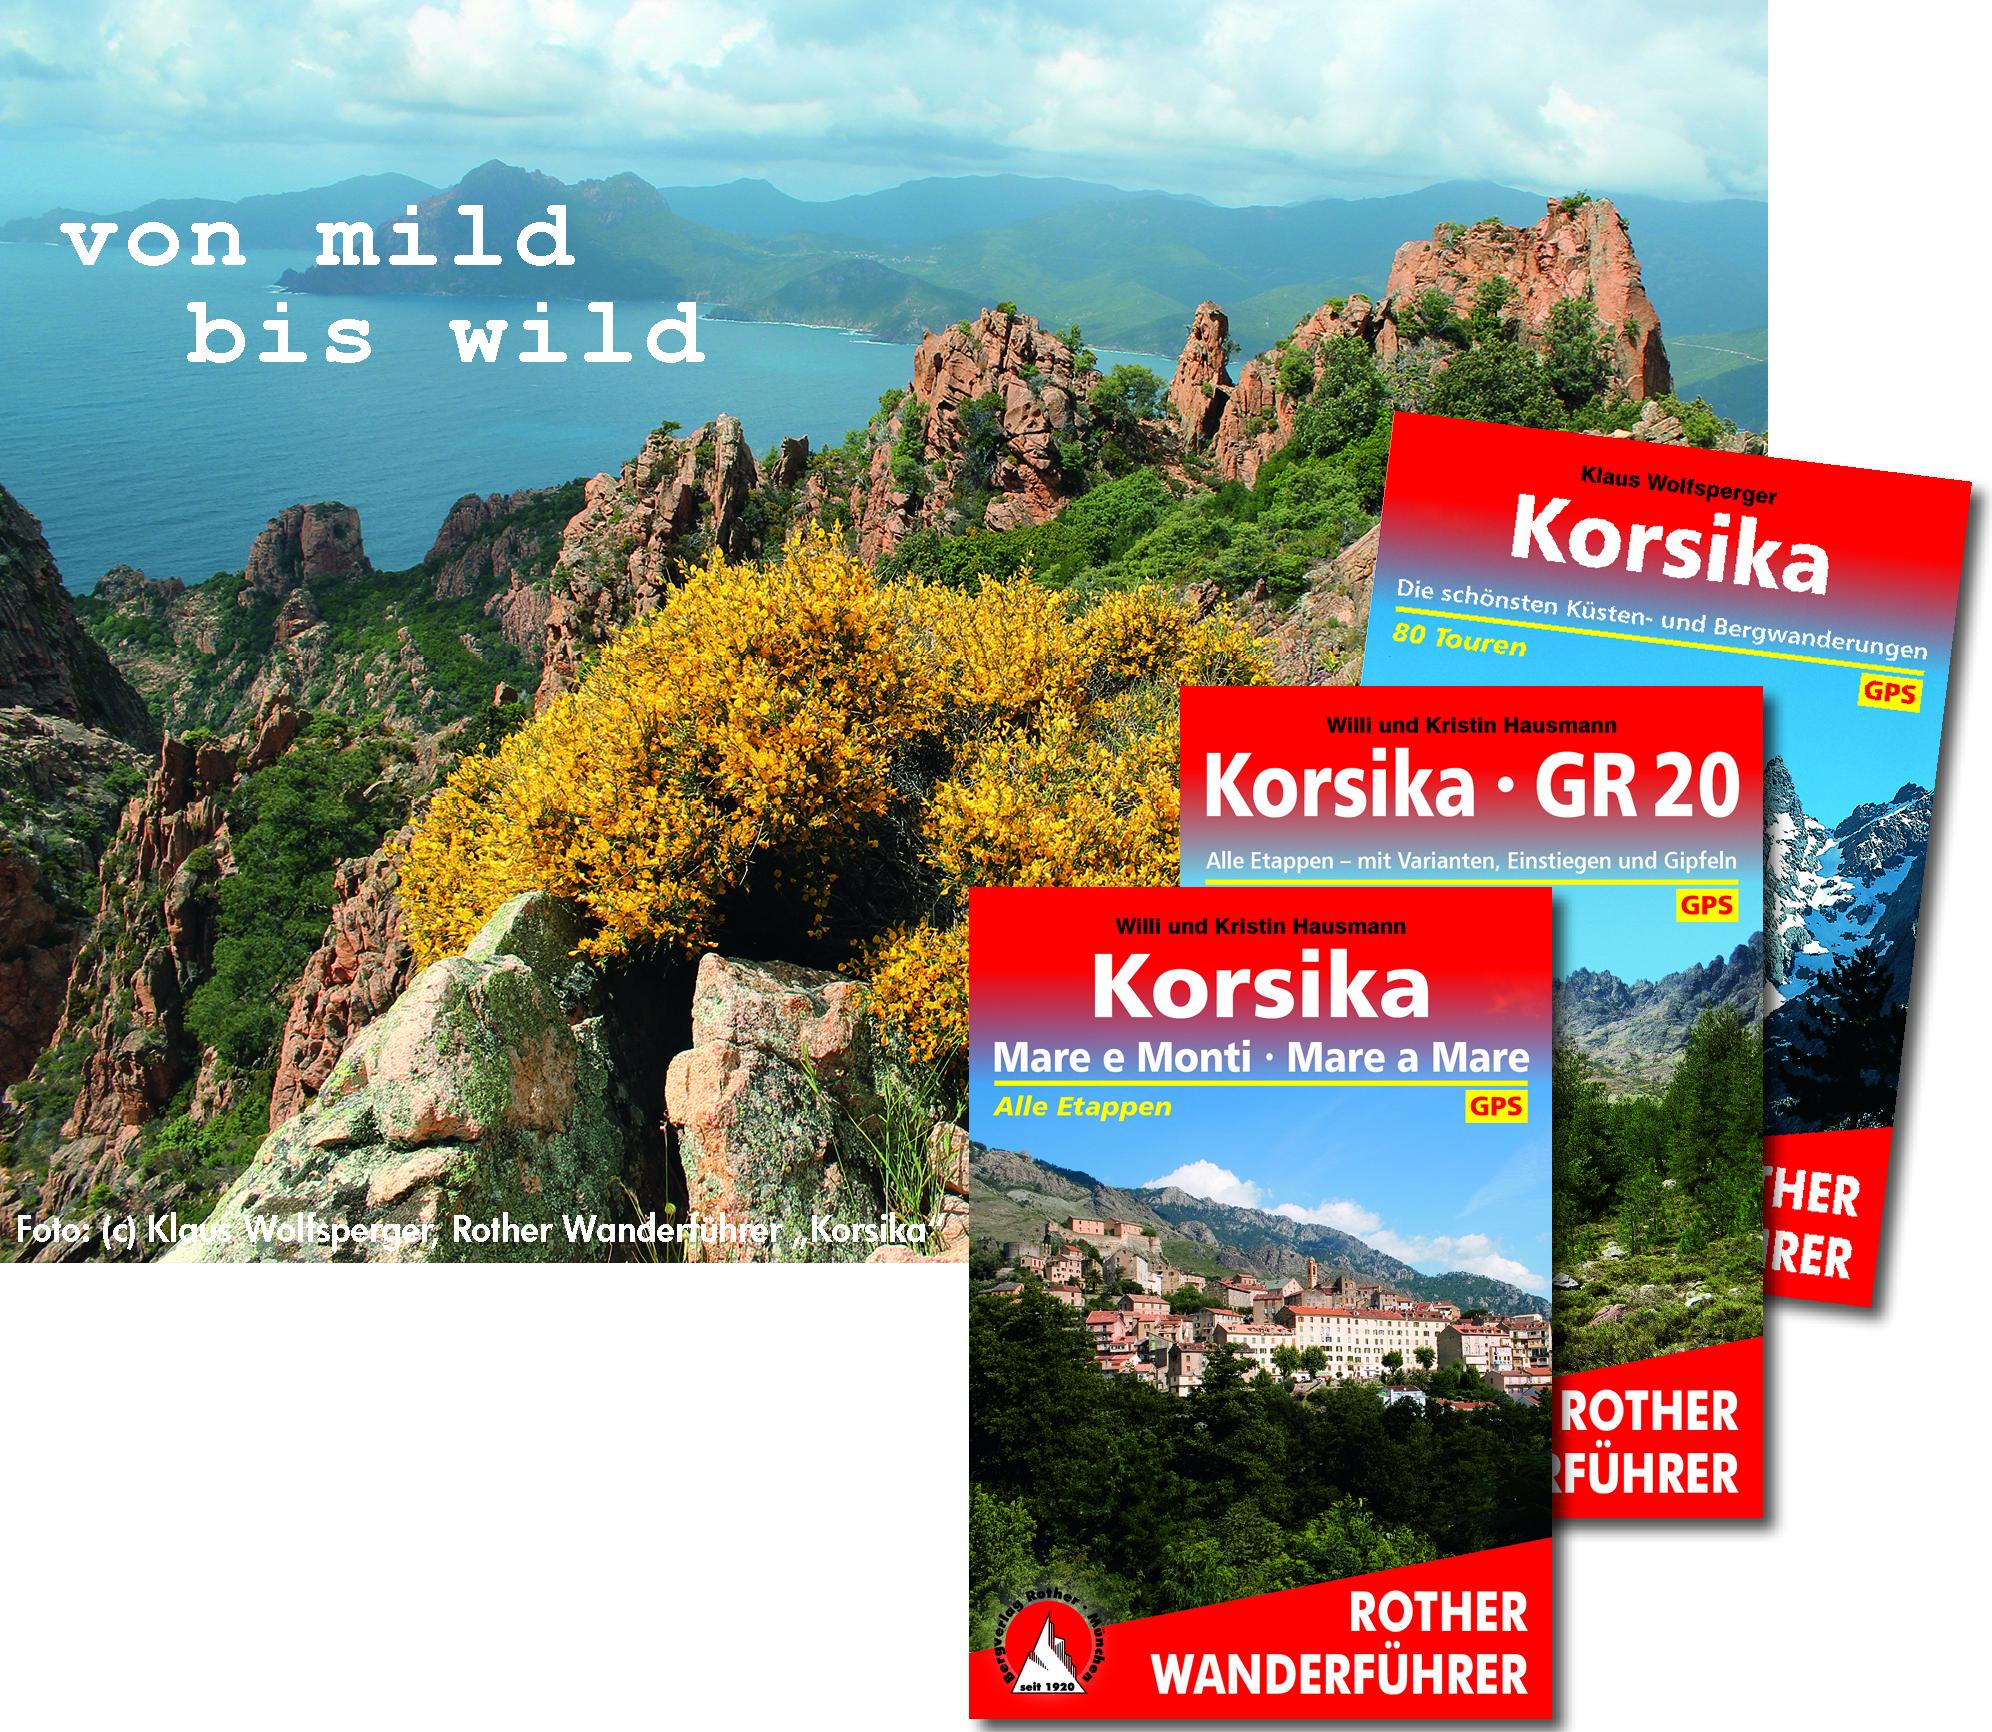 Korsika_Bild